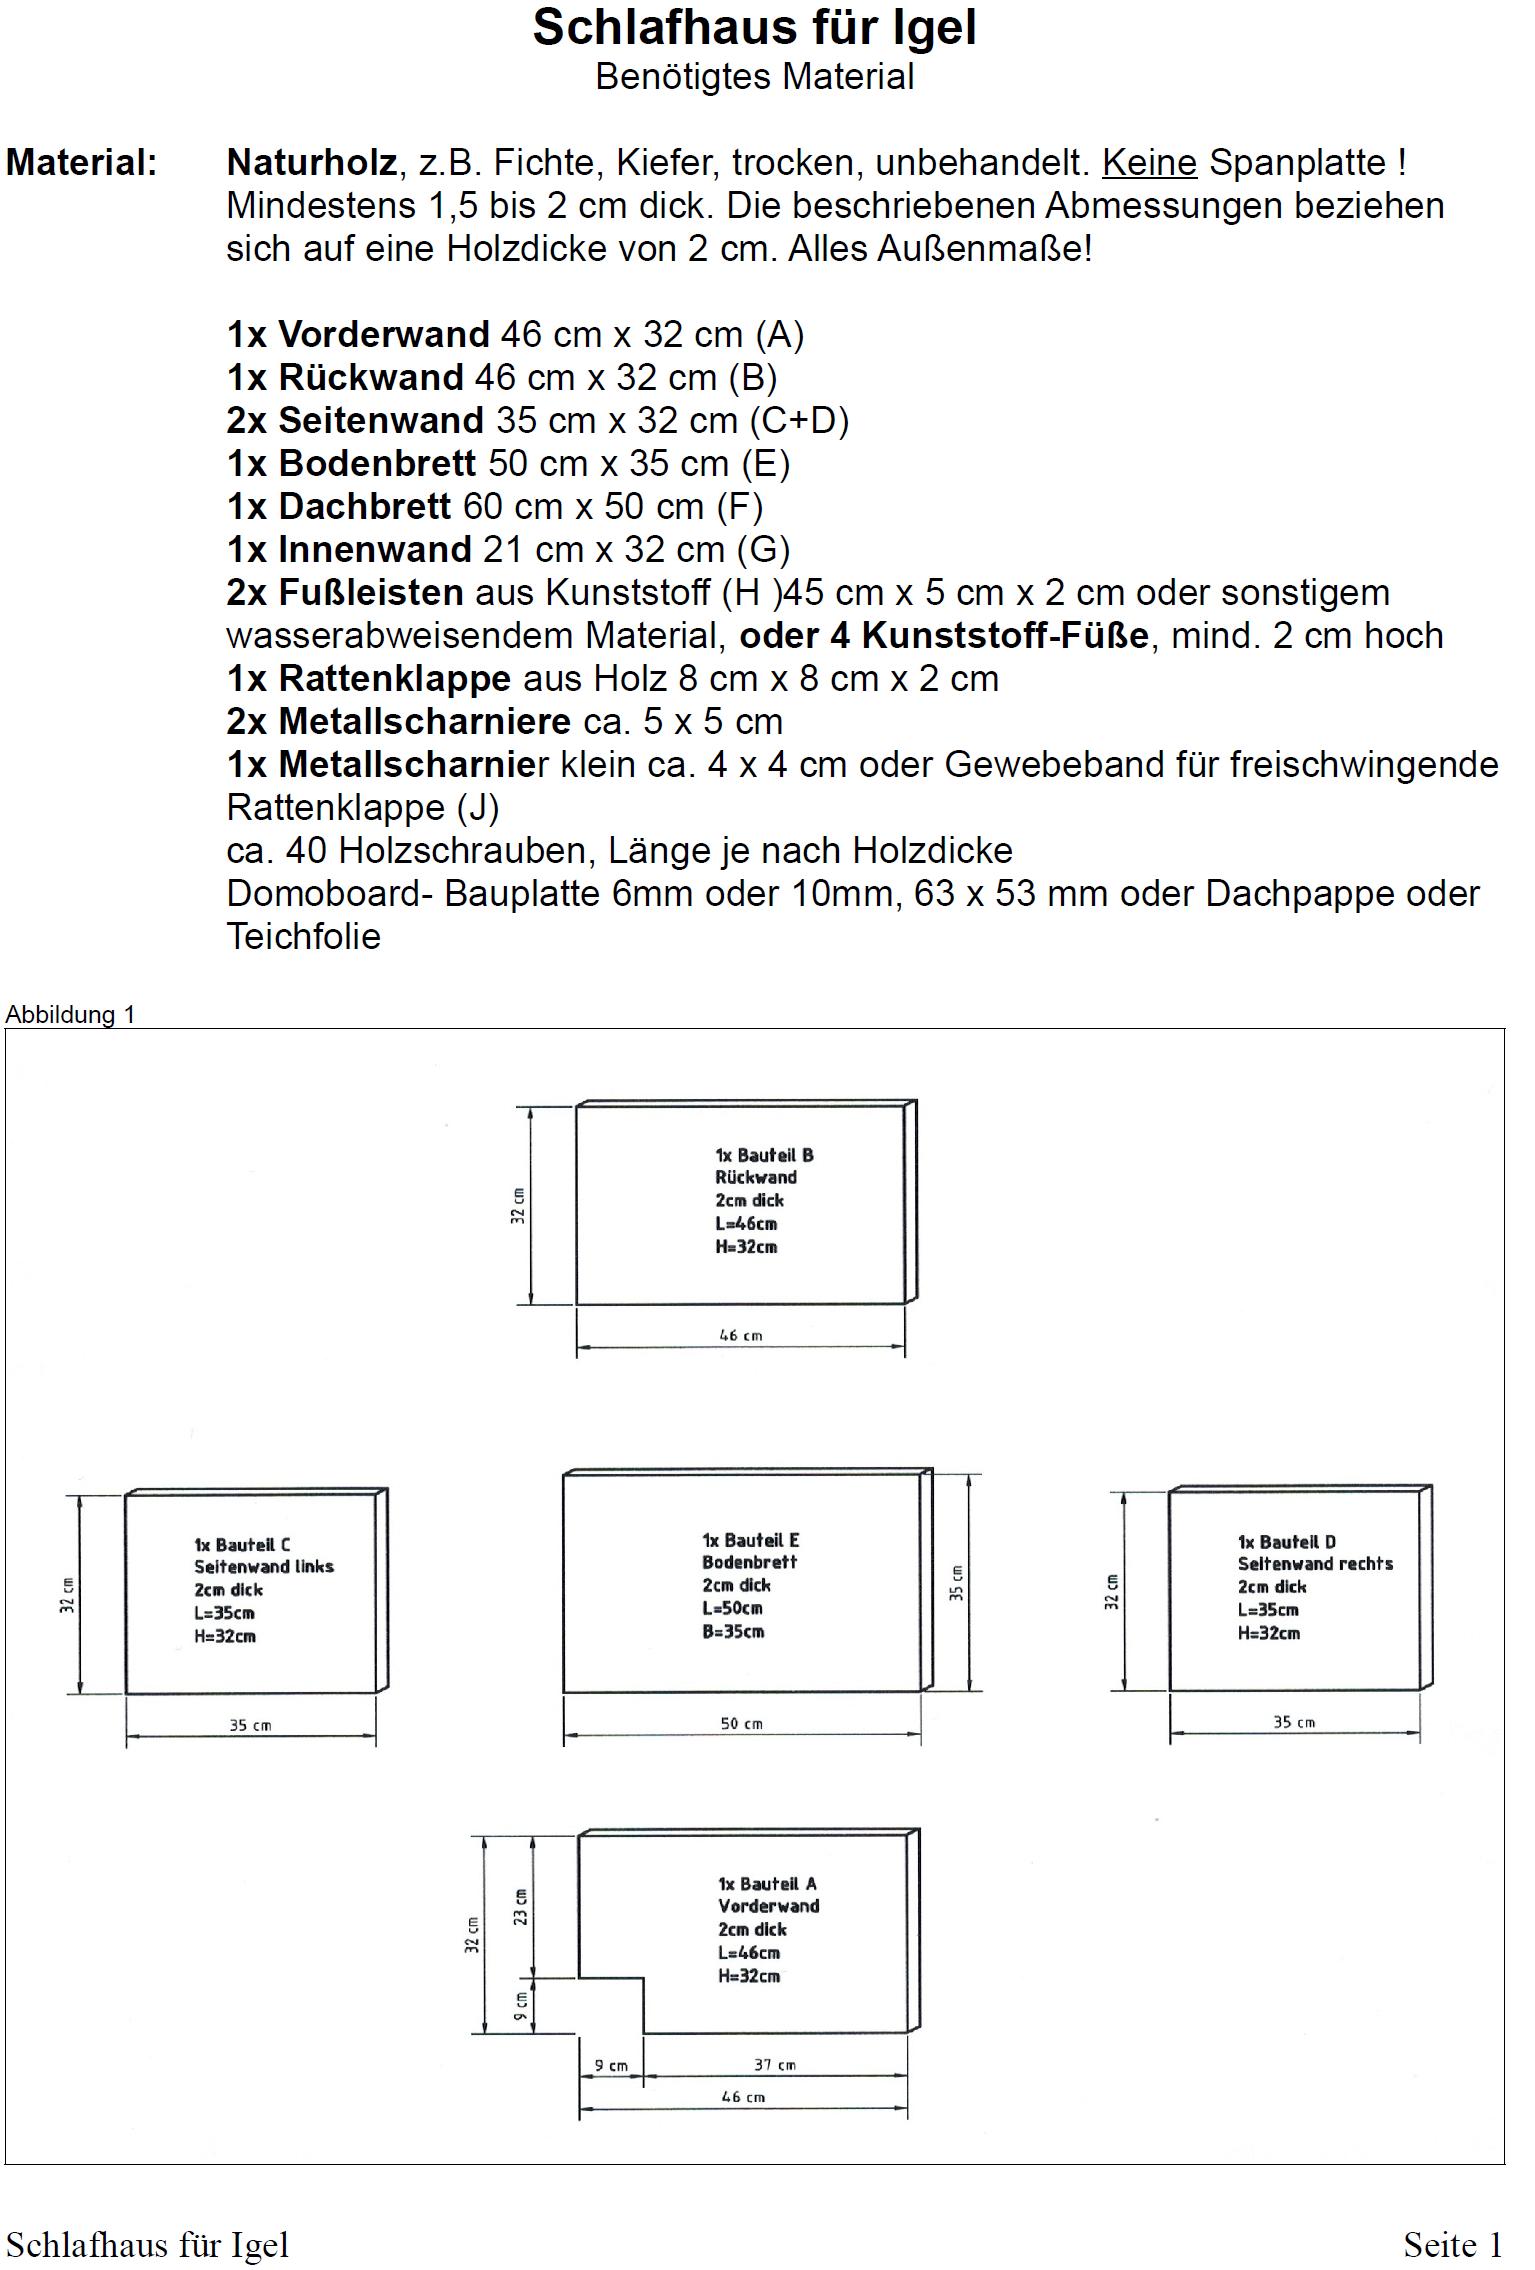 Schlafhaus-Igel-01